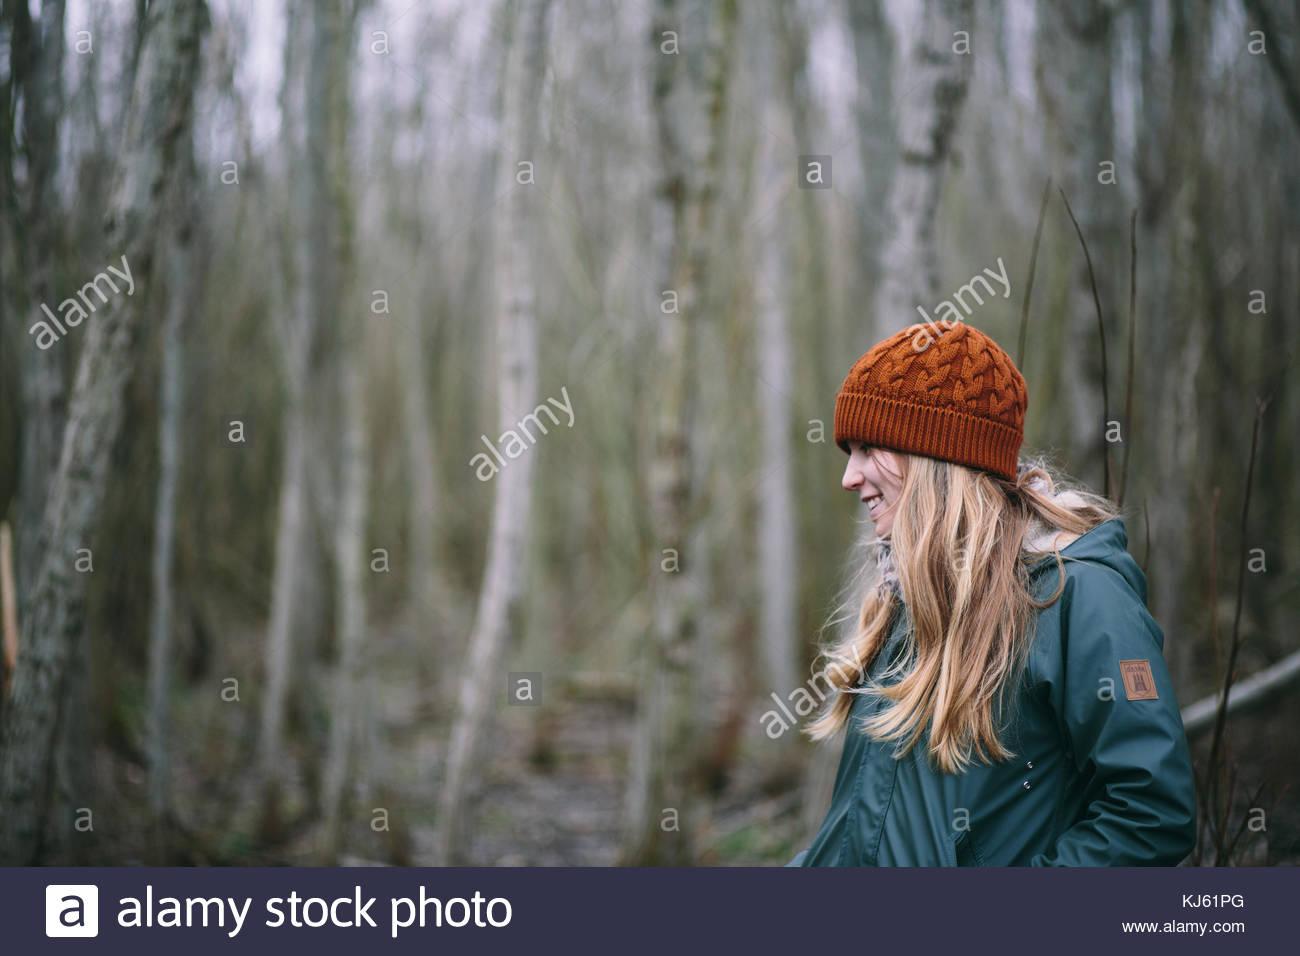 Fille blonde avec brown hat tricoté en forêt Photo Stock